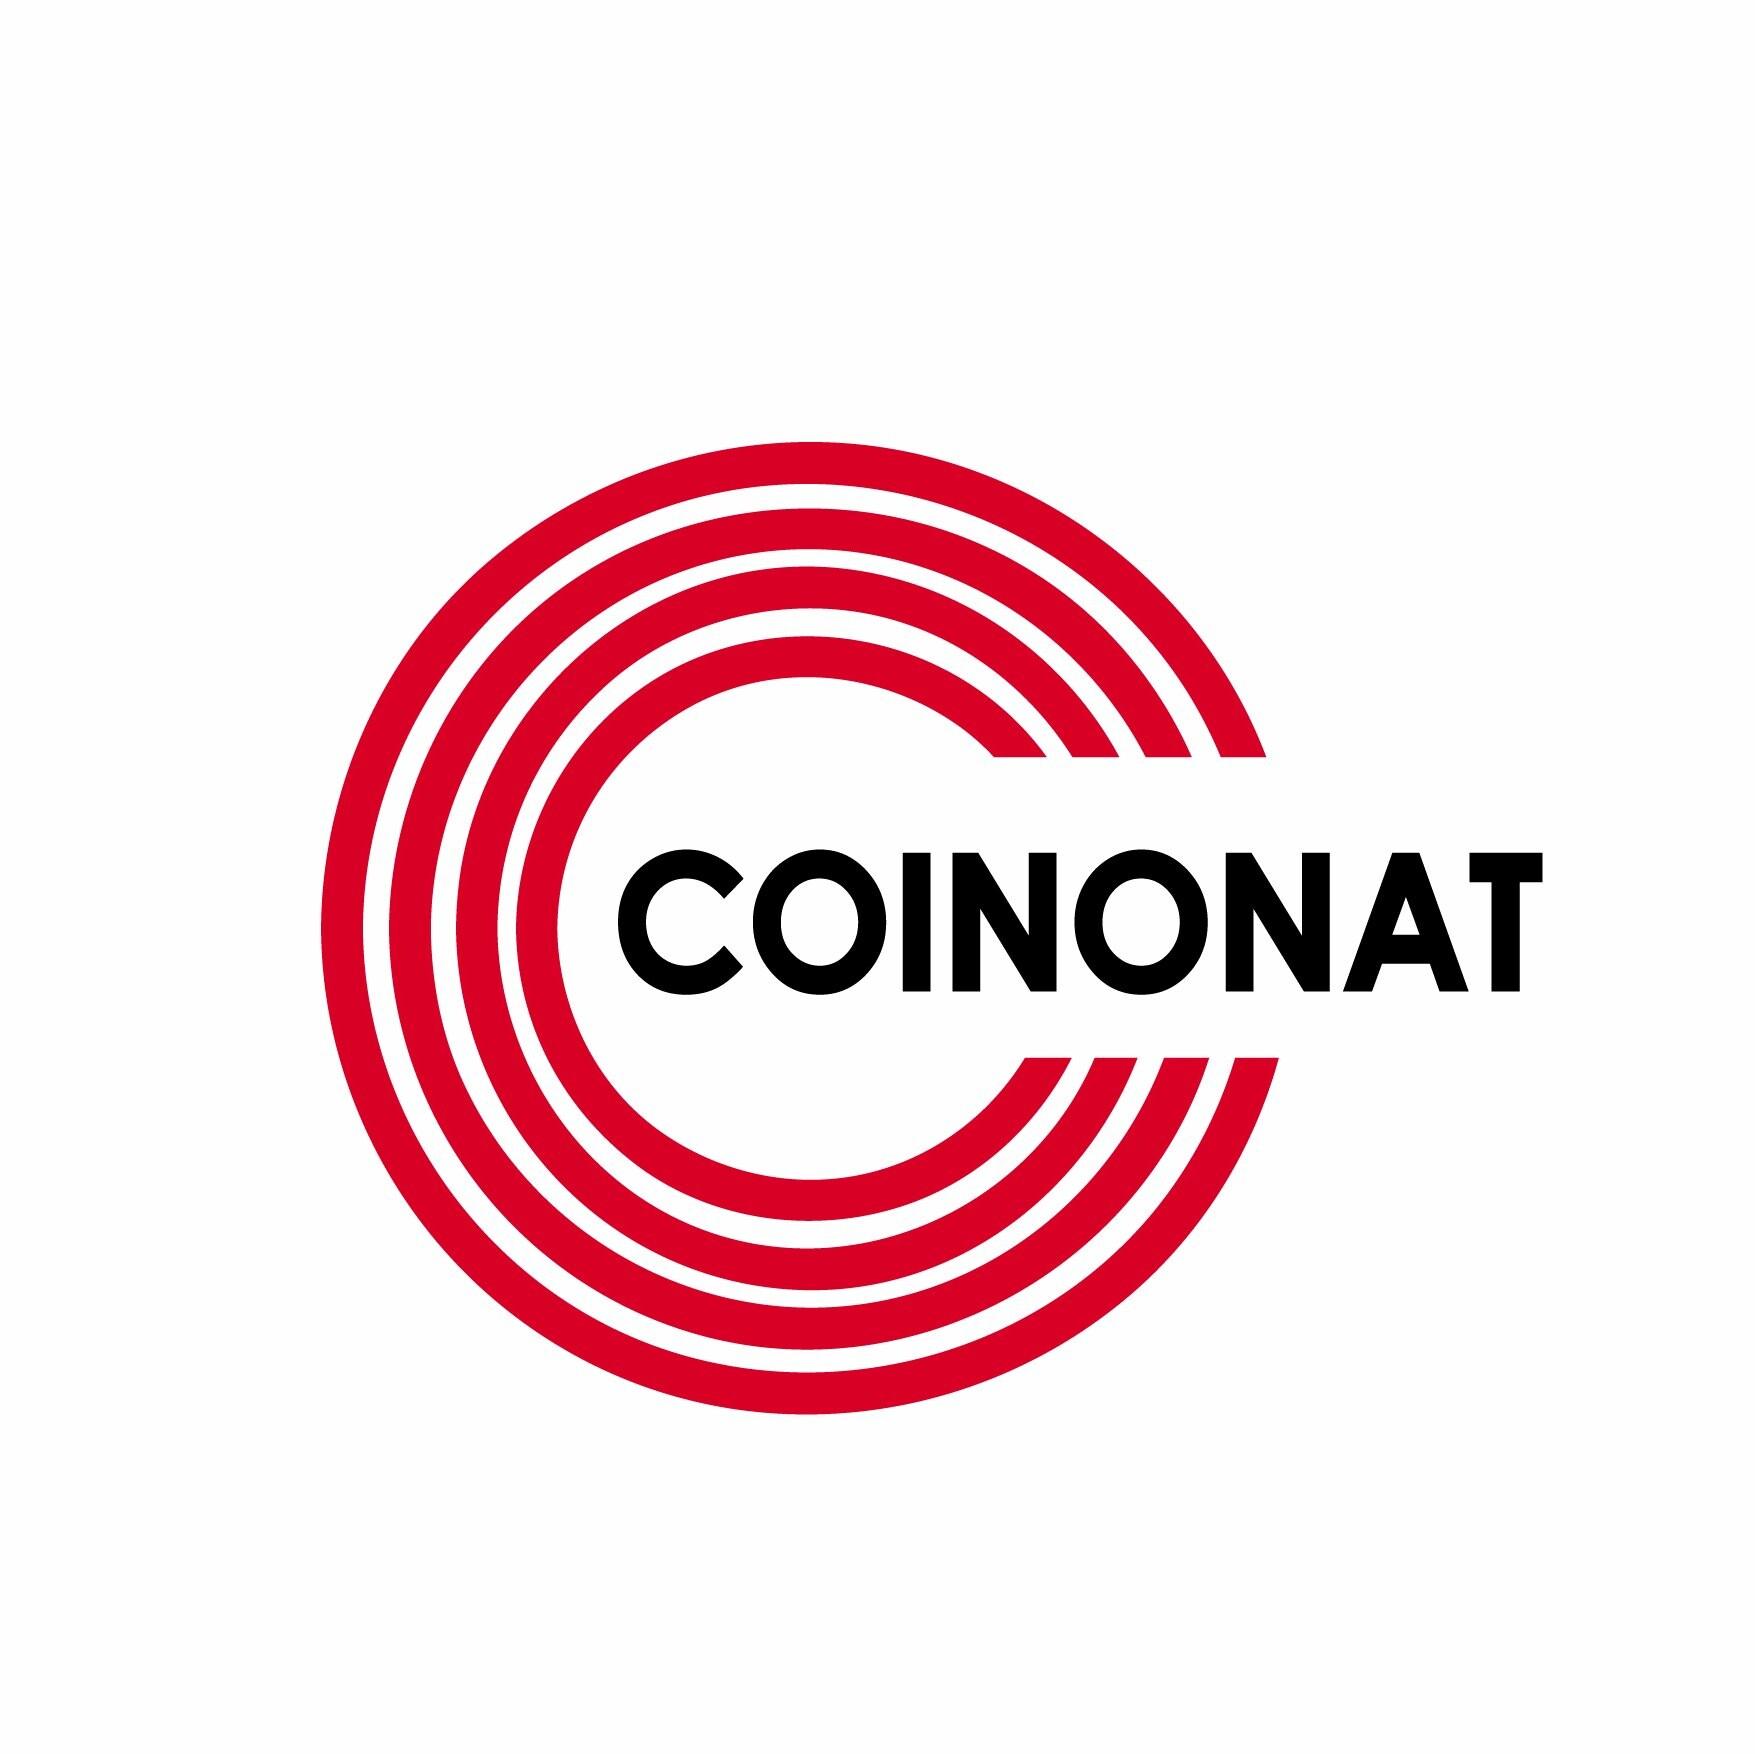 Coinonat Foundation